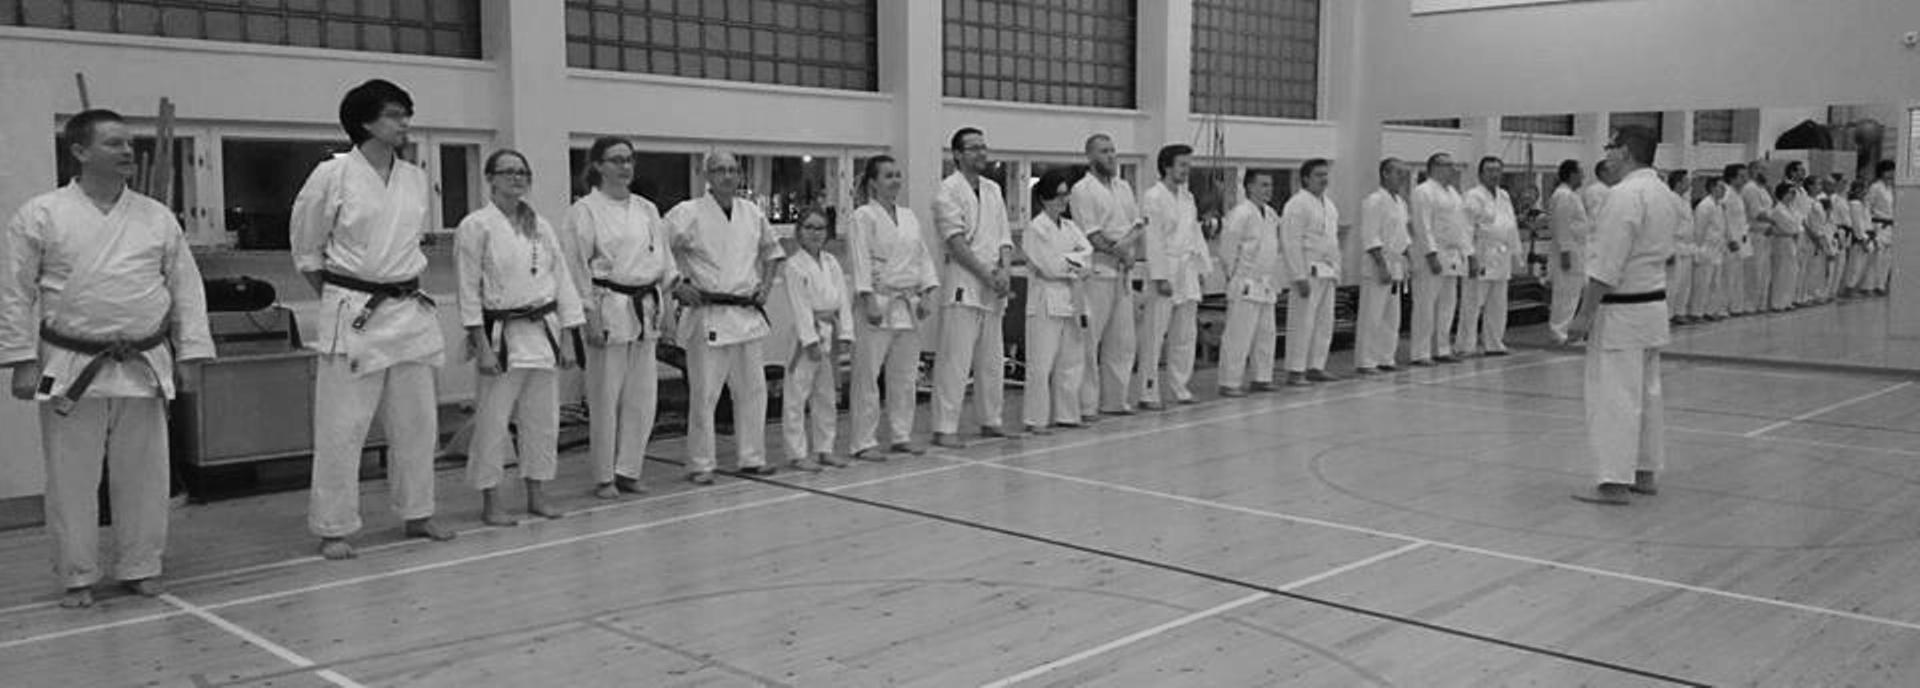 karategrupp-ny